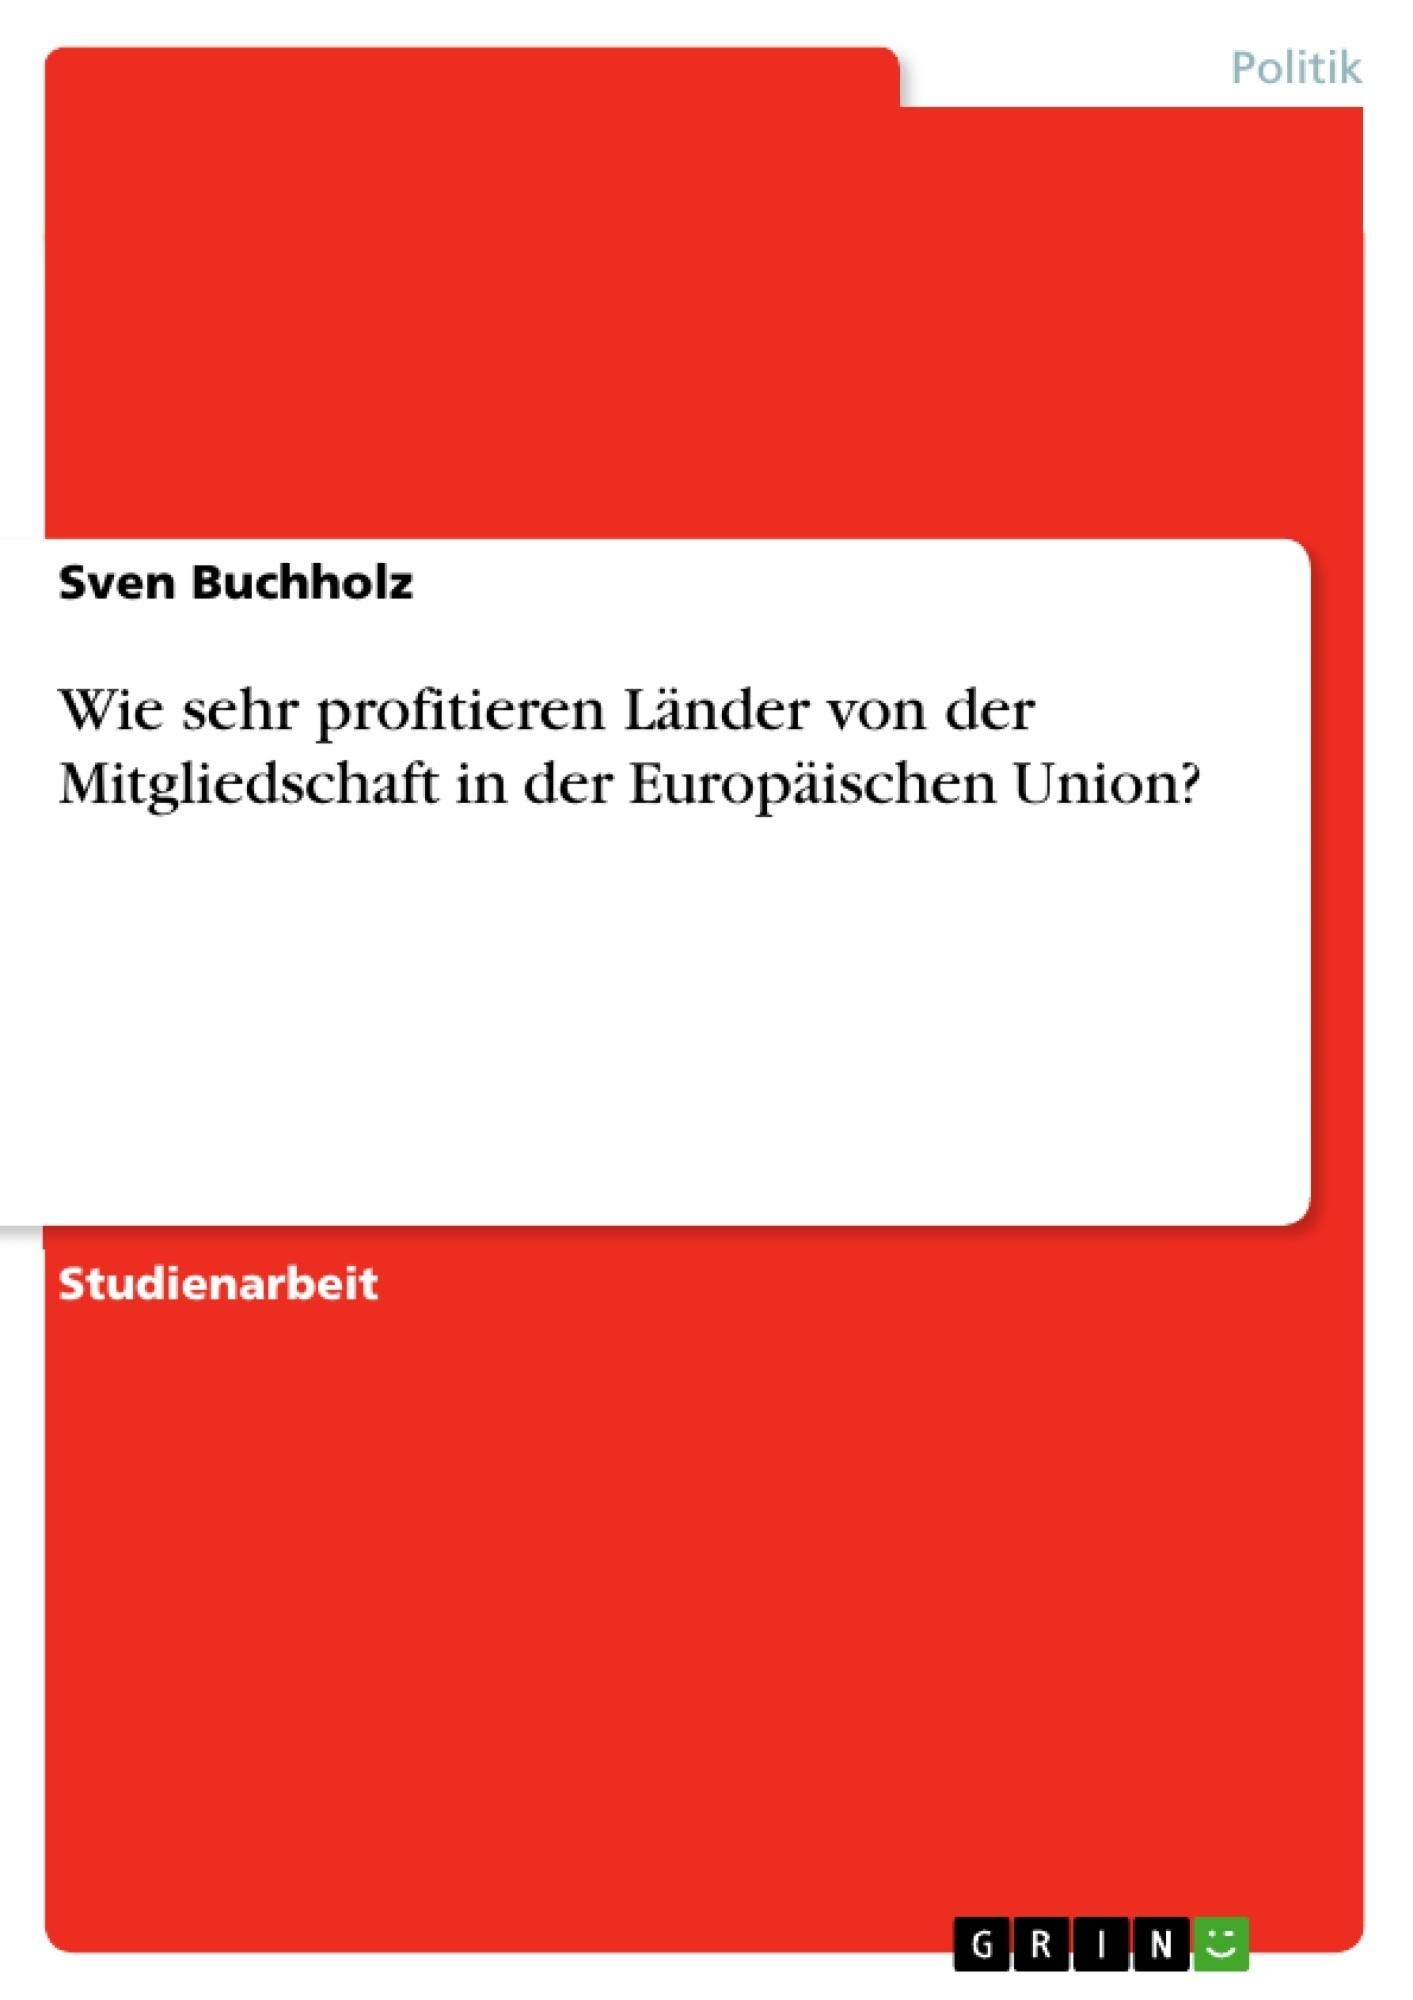 Titel: Wie sehr profitieren Länder von der Mitgliedschaft in der Europäischen Union?